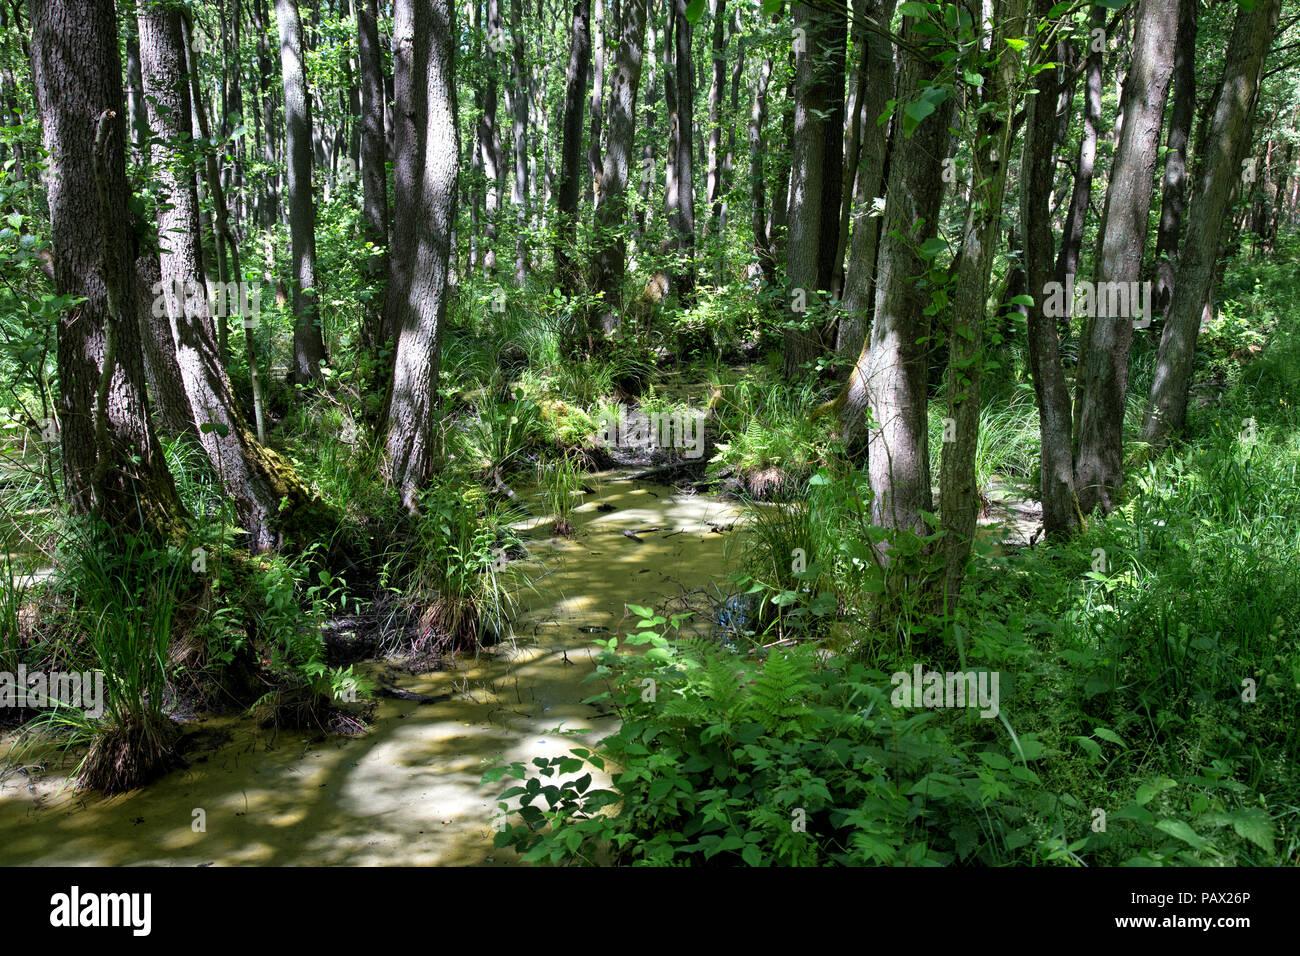 Alte Wald im Osten Deutschlands in der Nähe von der polnischen Grenze im Alter Bäume rund um sumpfigen Teich Stockbild